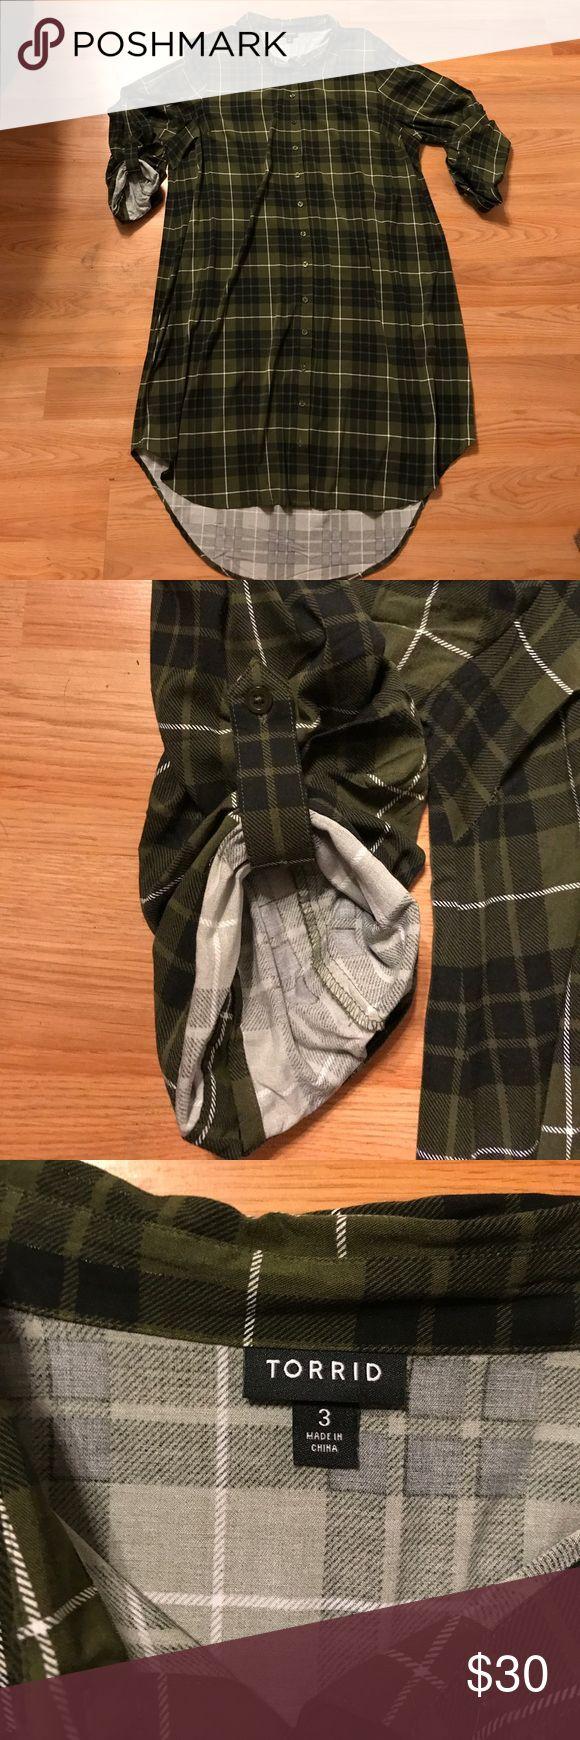 Torrid Plaid Dress EUC, Torrid, Size 3, Olive and Black Plaid dress with high/LL bottom. torrid Dresses High Low